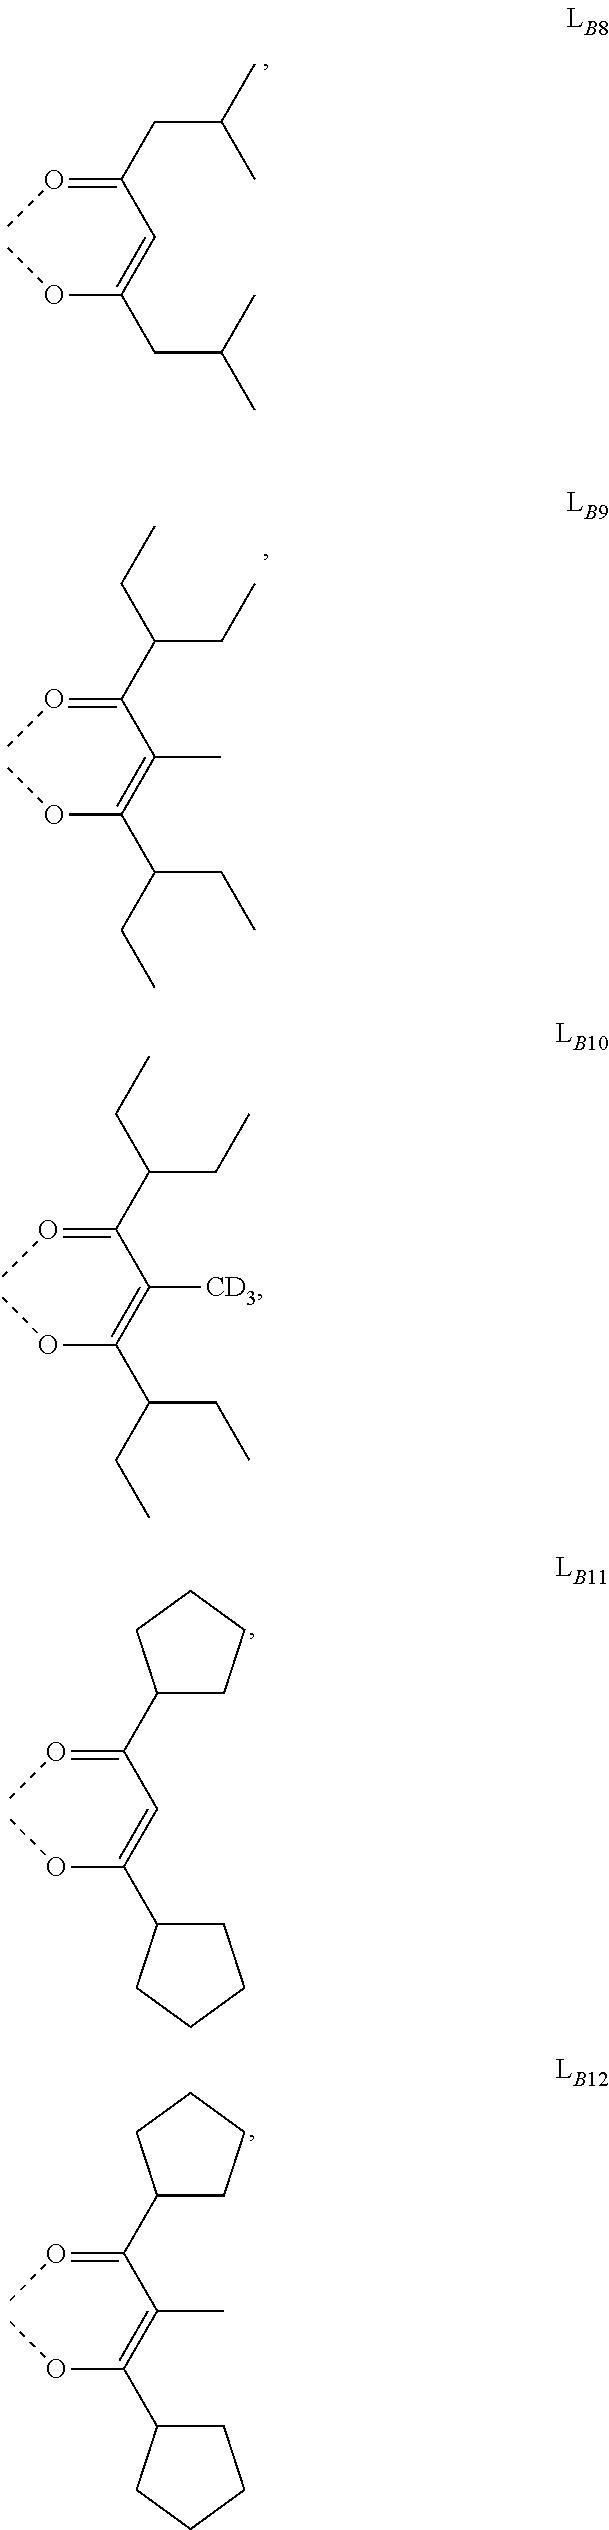 Figure US09859510-20180102-C00021